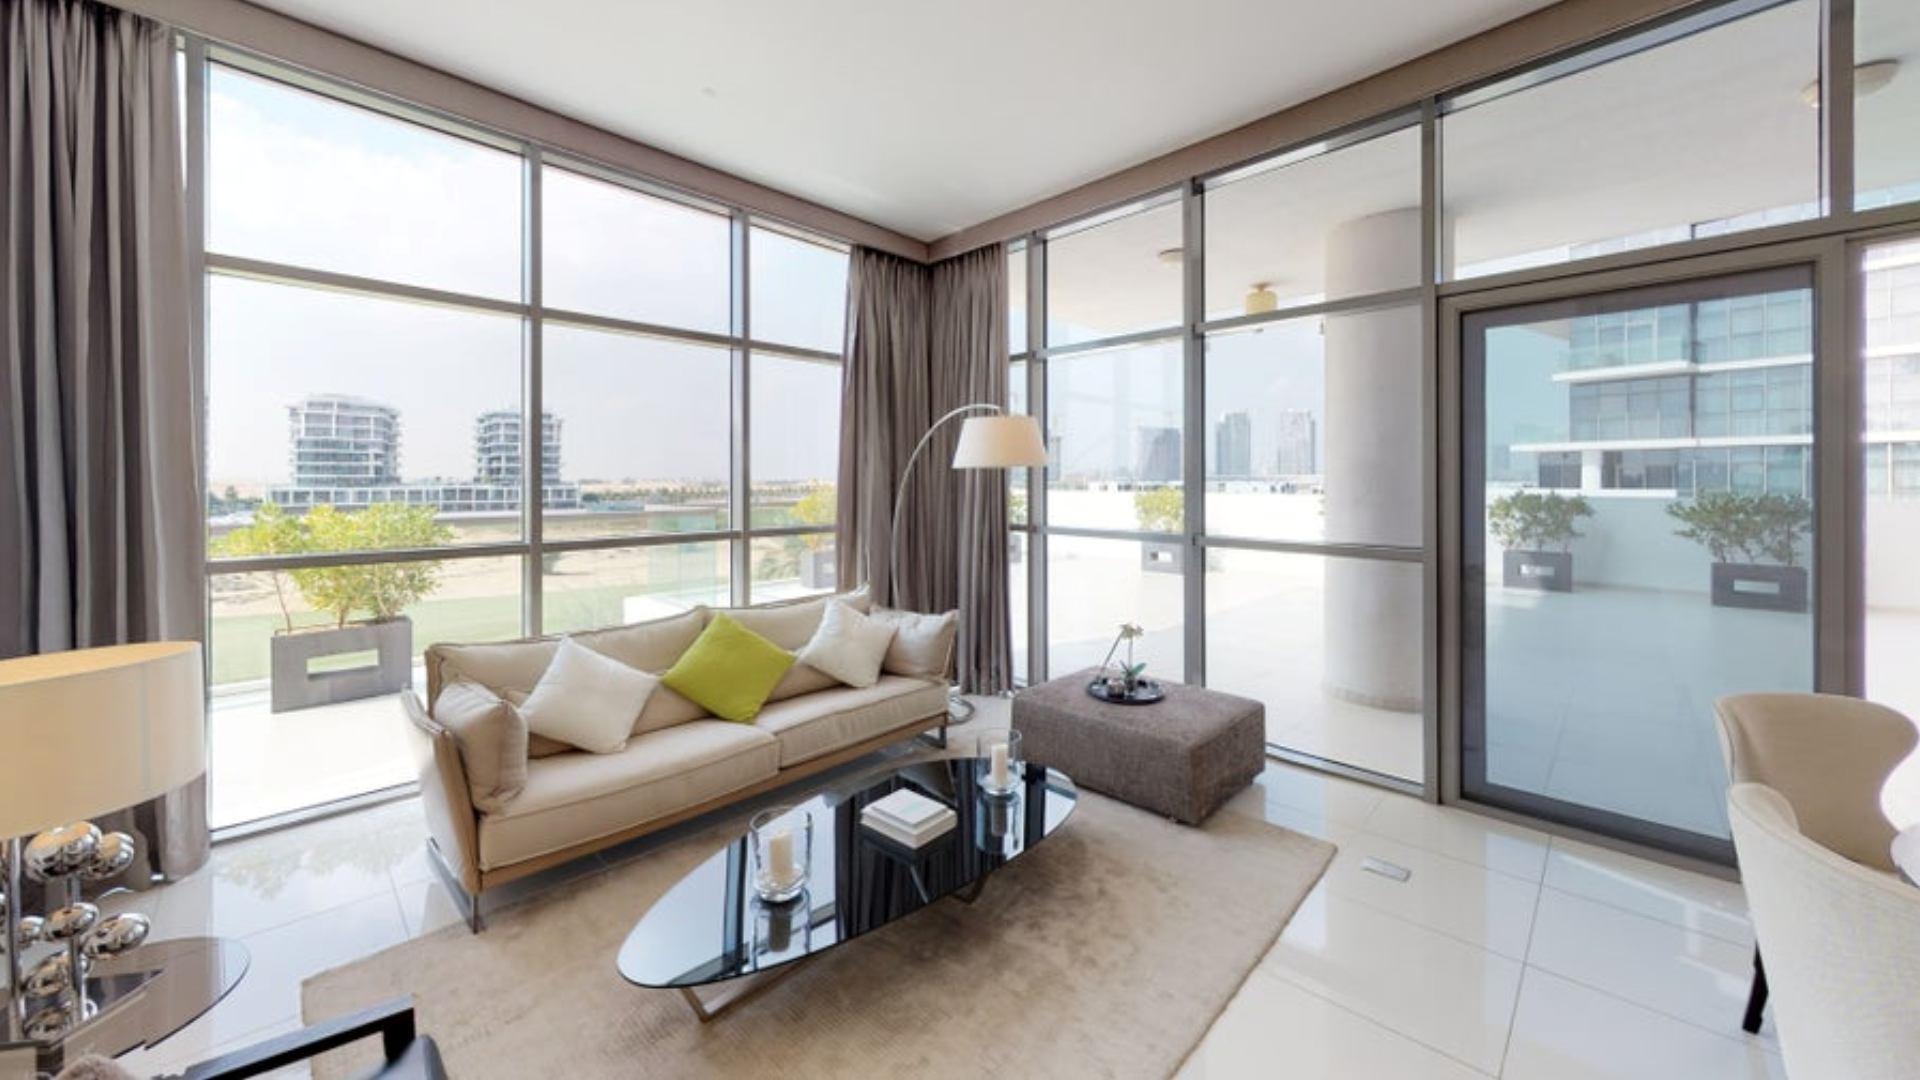 Apartamento en venta en Dubai, EAU, 3 dormitorios, 262 m2, № 24519 – foto 1